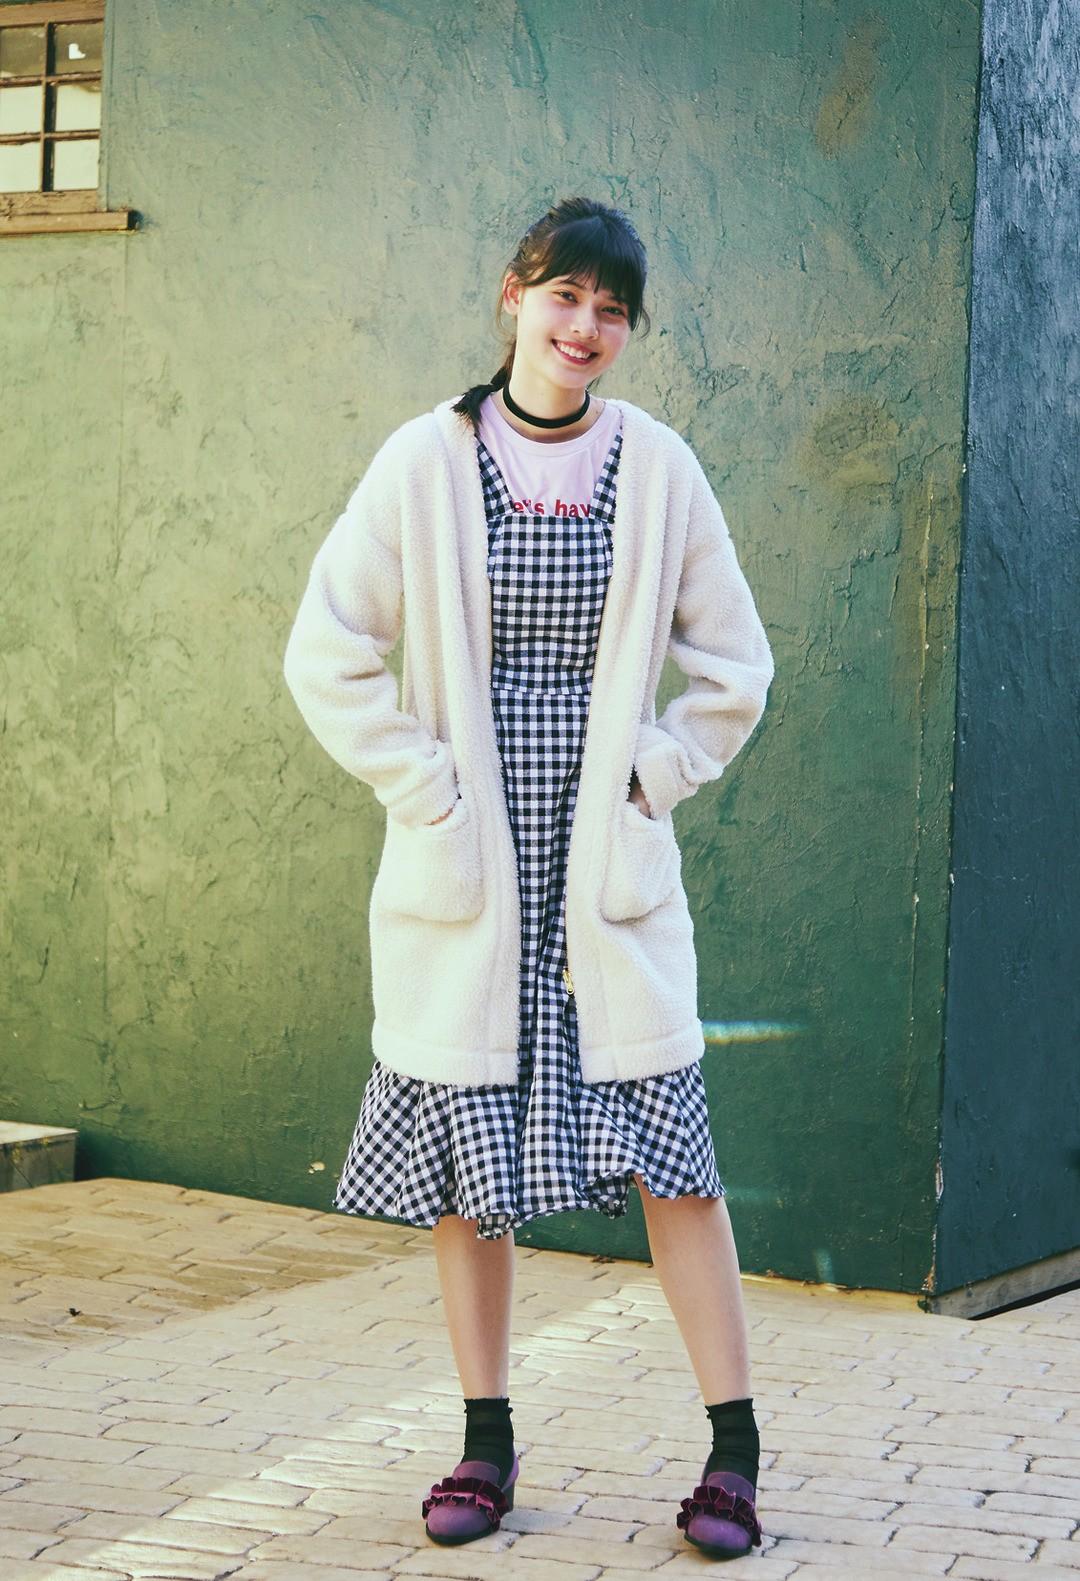 松岡花佳ちゃんは、白もこコートで個性派でいく!